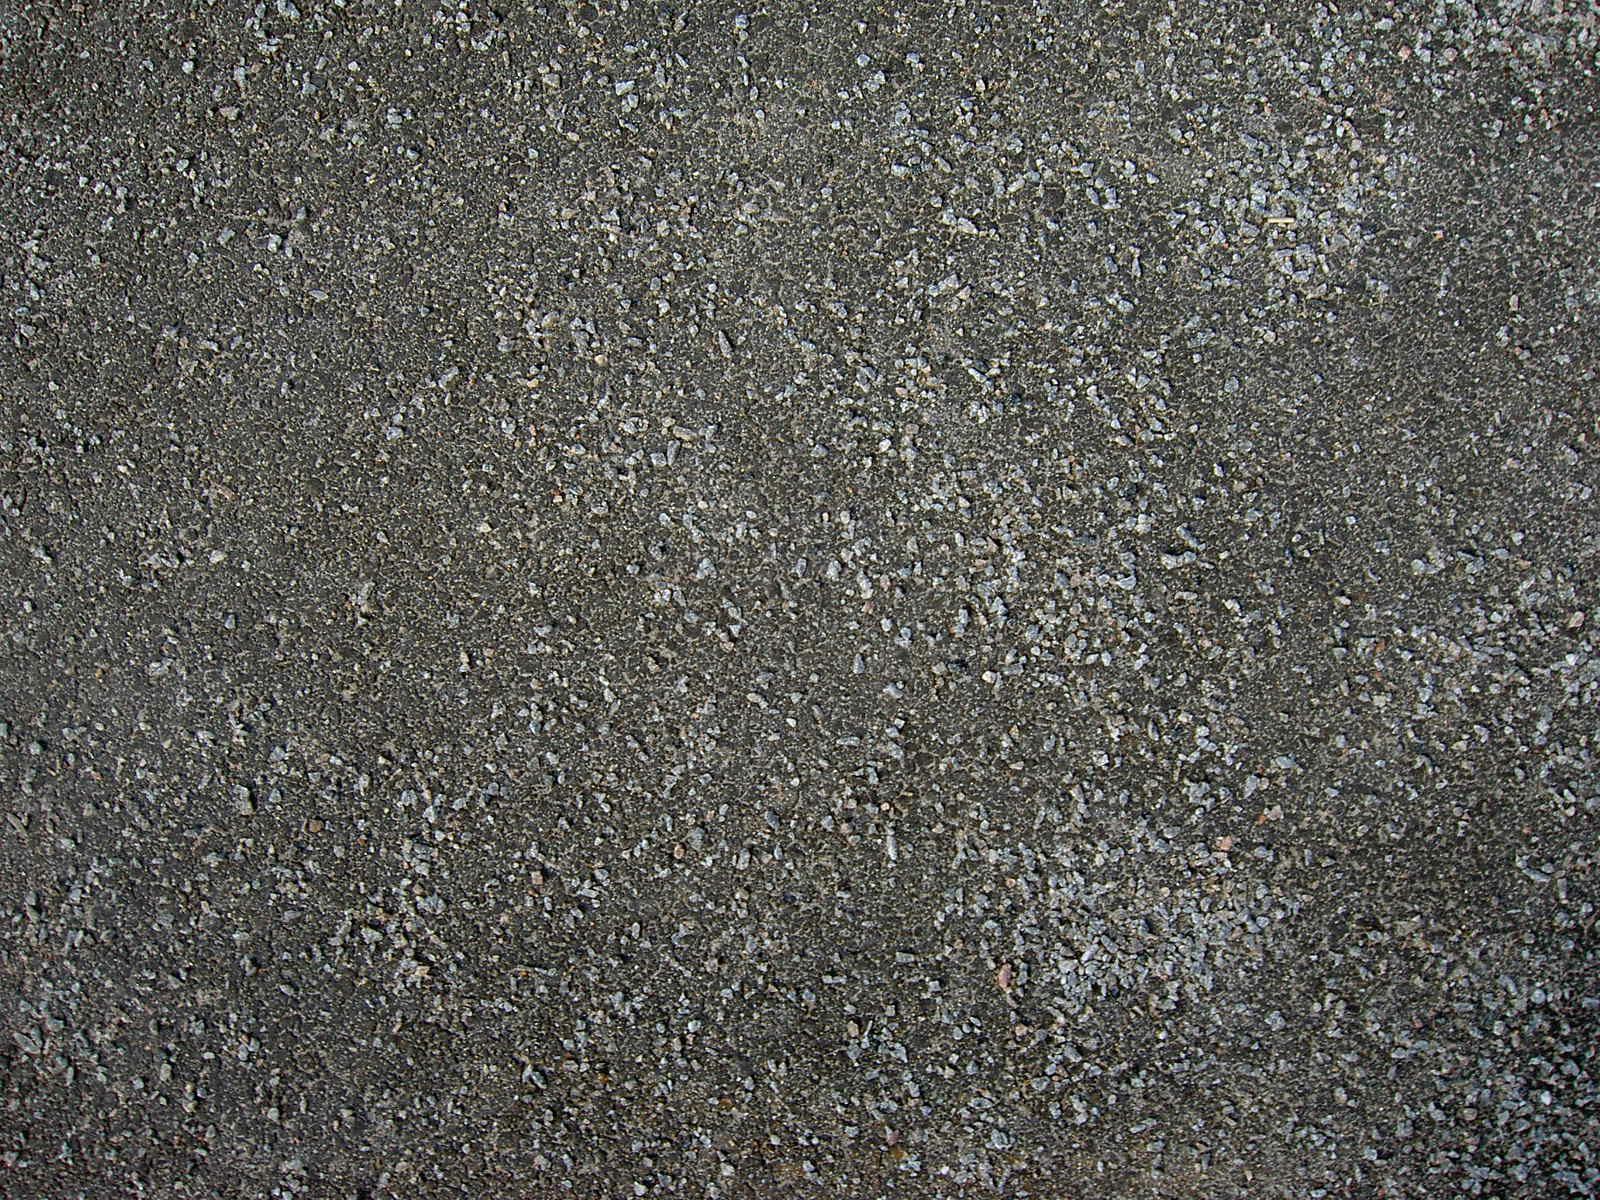 Текстура асфальта: junior3d.ru/texture/asfalt.html